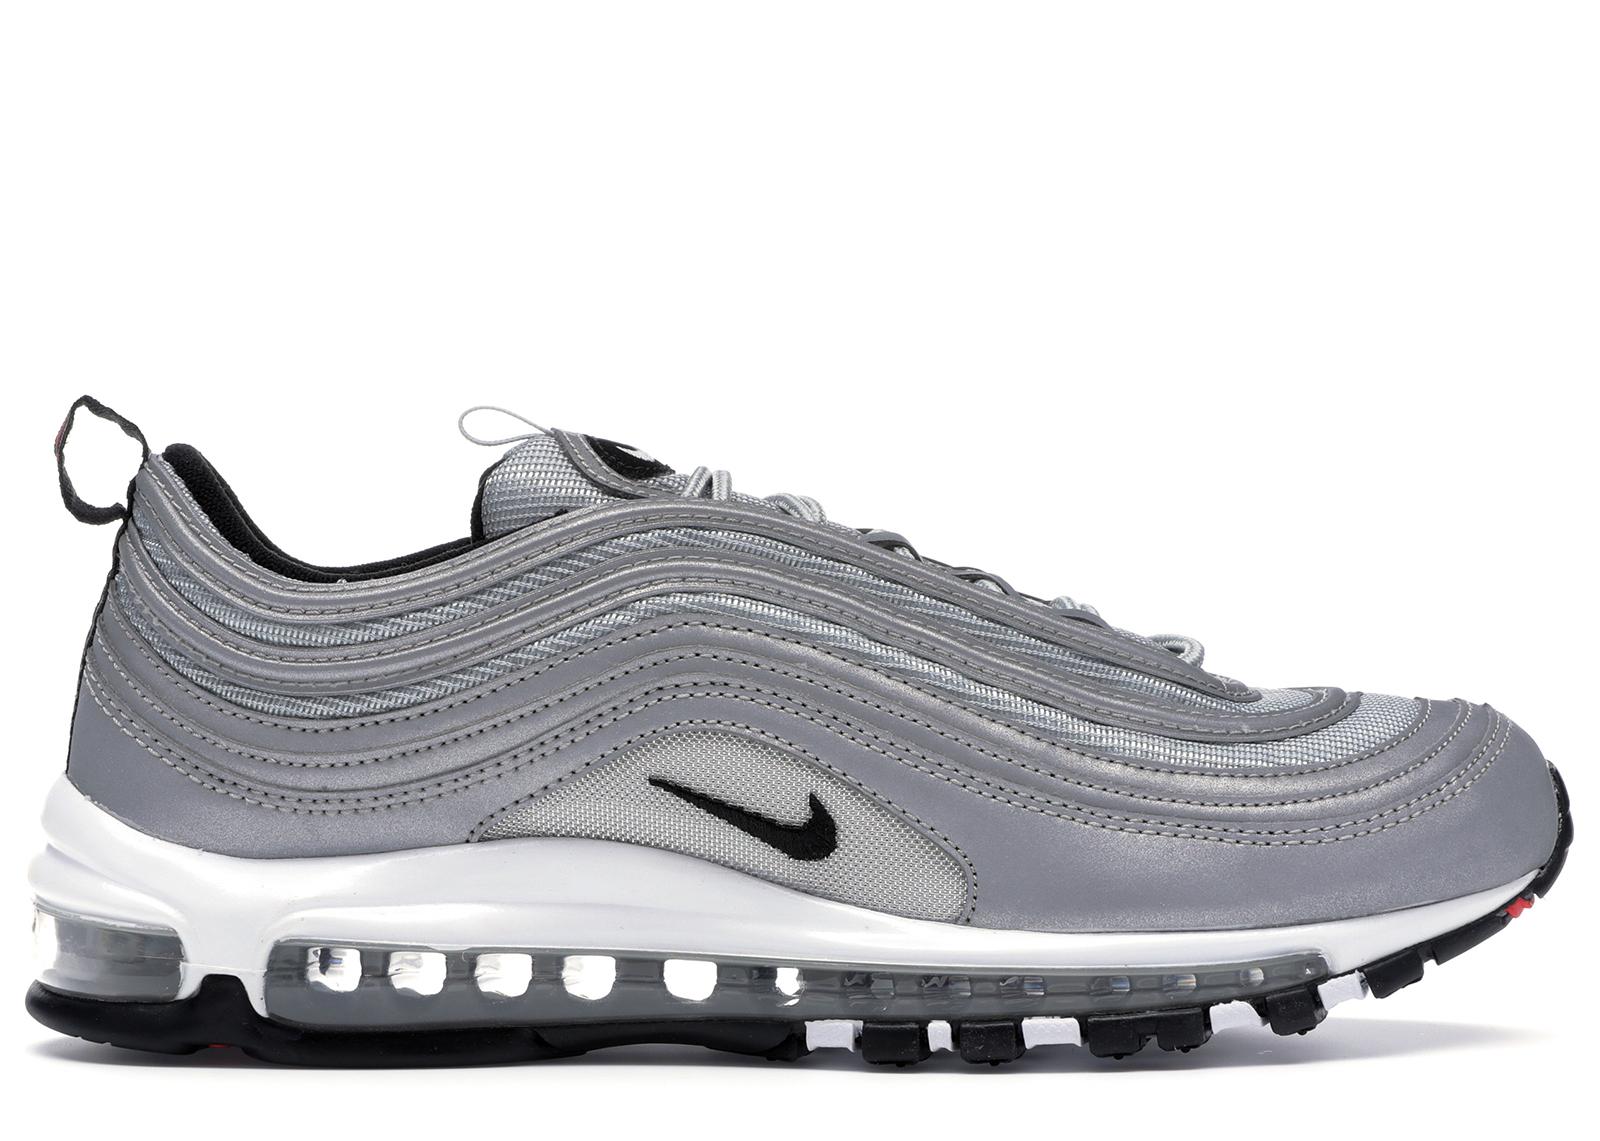 Air Max 97 Reflective Silver